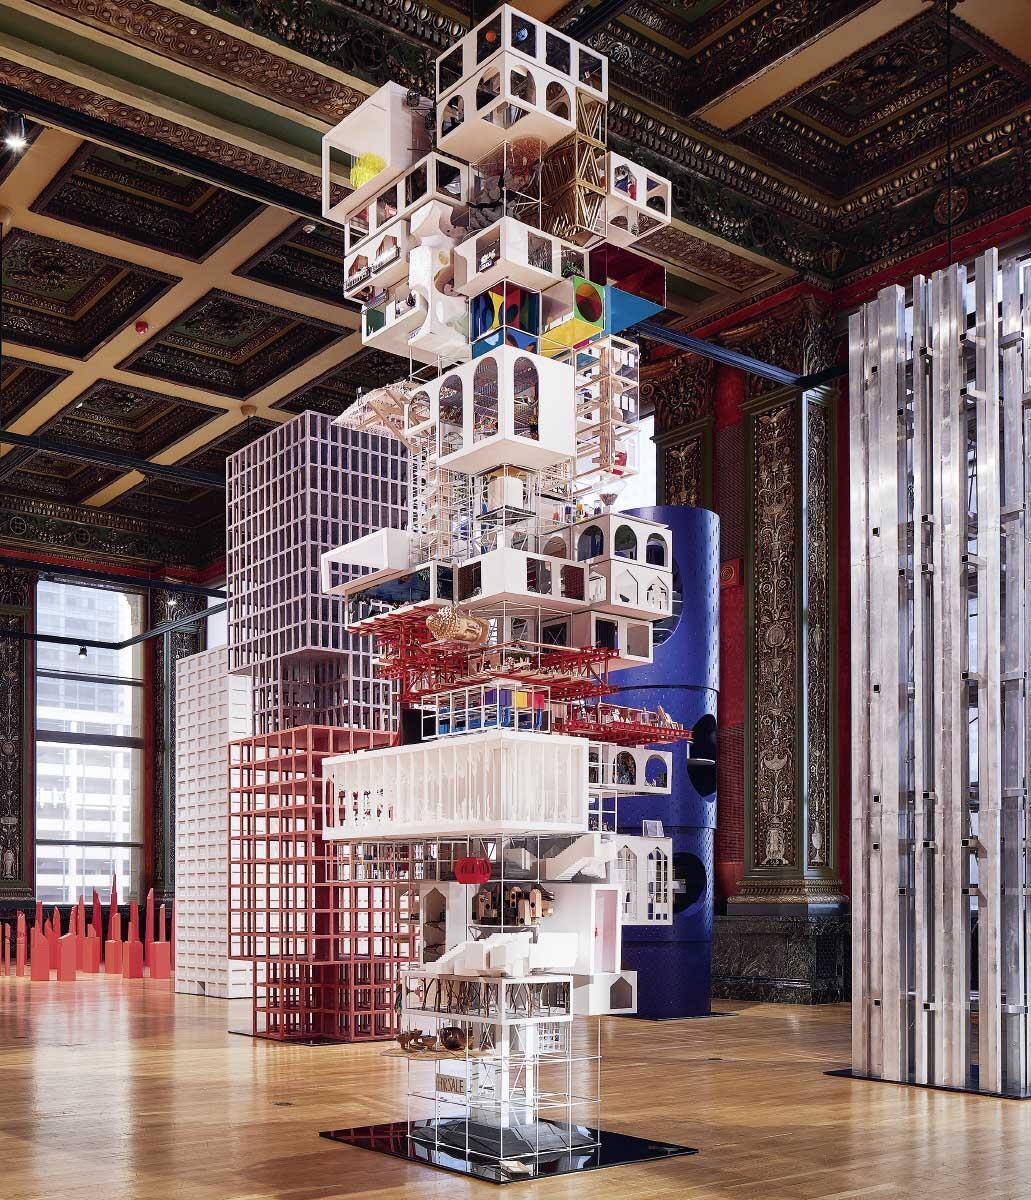 Tatiana Bilbaos Beitrag zur Architekturbiennale 2017 in Chicago (Not) Another Tower steht auch für die kollaborative Praxis in Mexico City: Sie schuf eine Struktur für die Teilprojekte von 15 noch wenig etablierten mexikanischen Kollegen.  Bild: Steve Hall